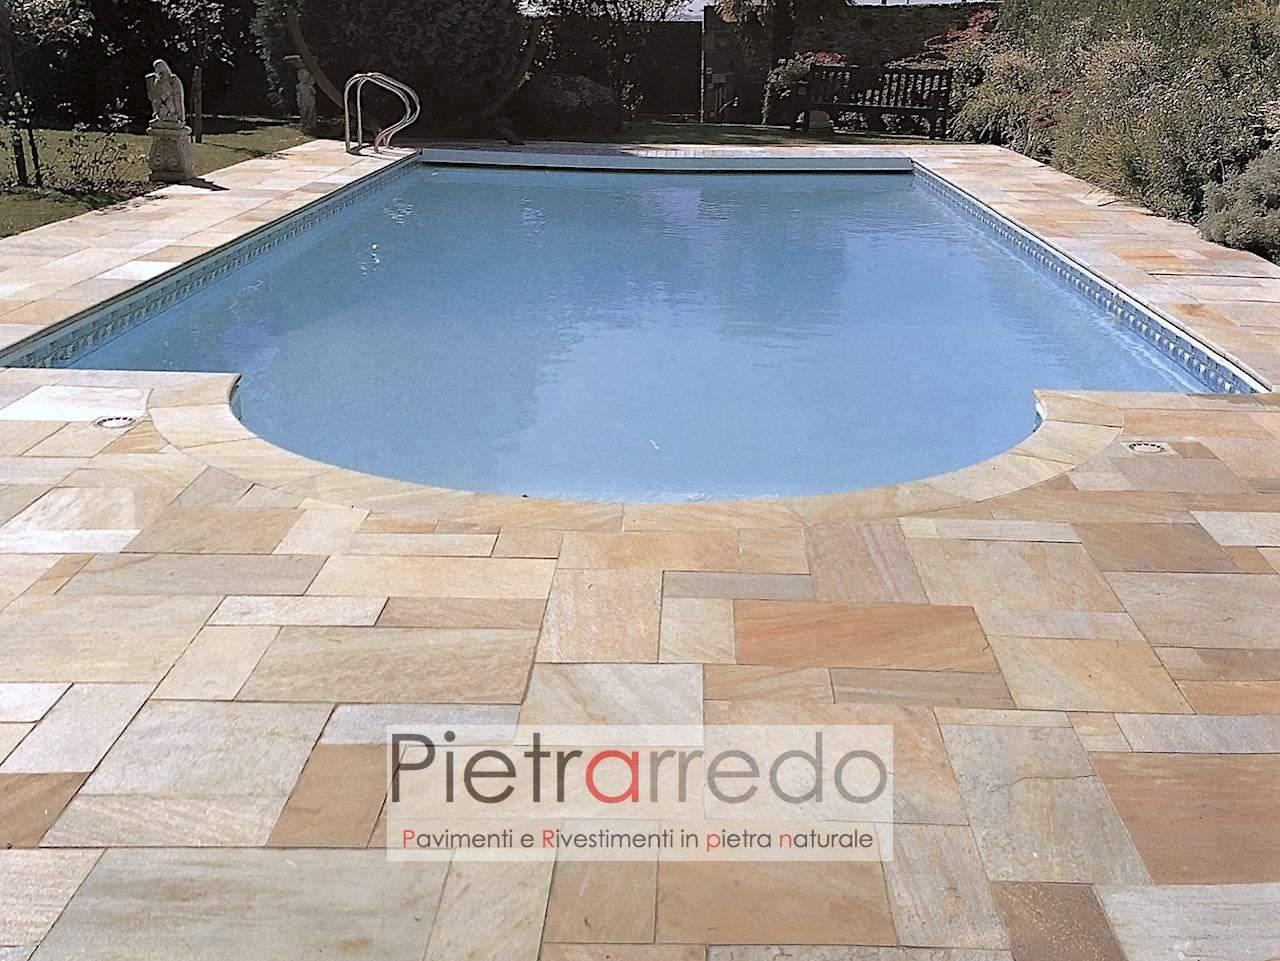 bellissima piscina con pavimento in quarzite brasiliana gontero prezzo costi offerte pietrarredo milano